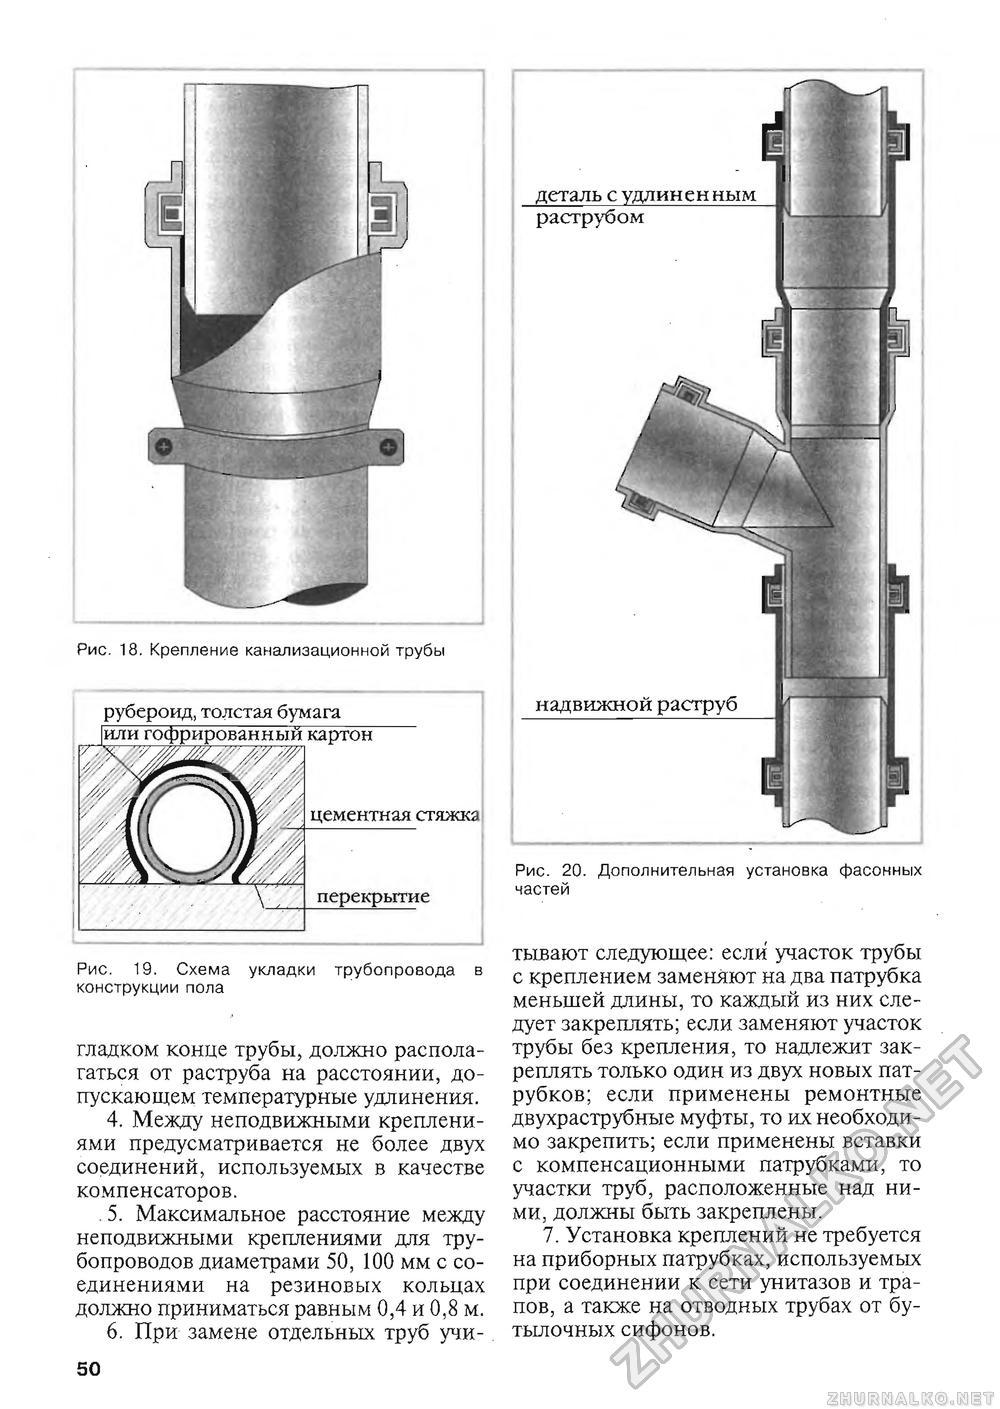 Как сделать раструб на канализационной трубе